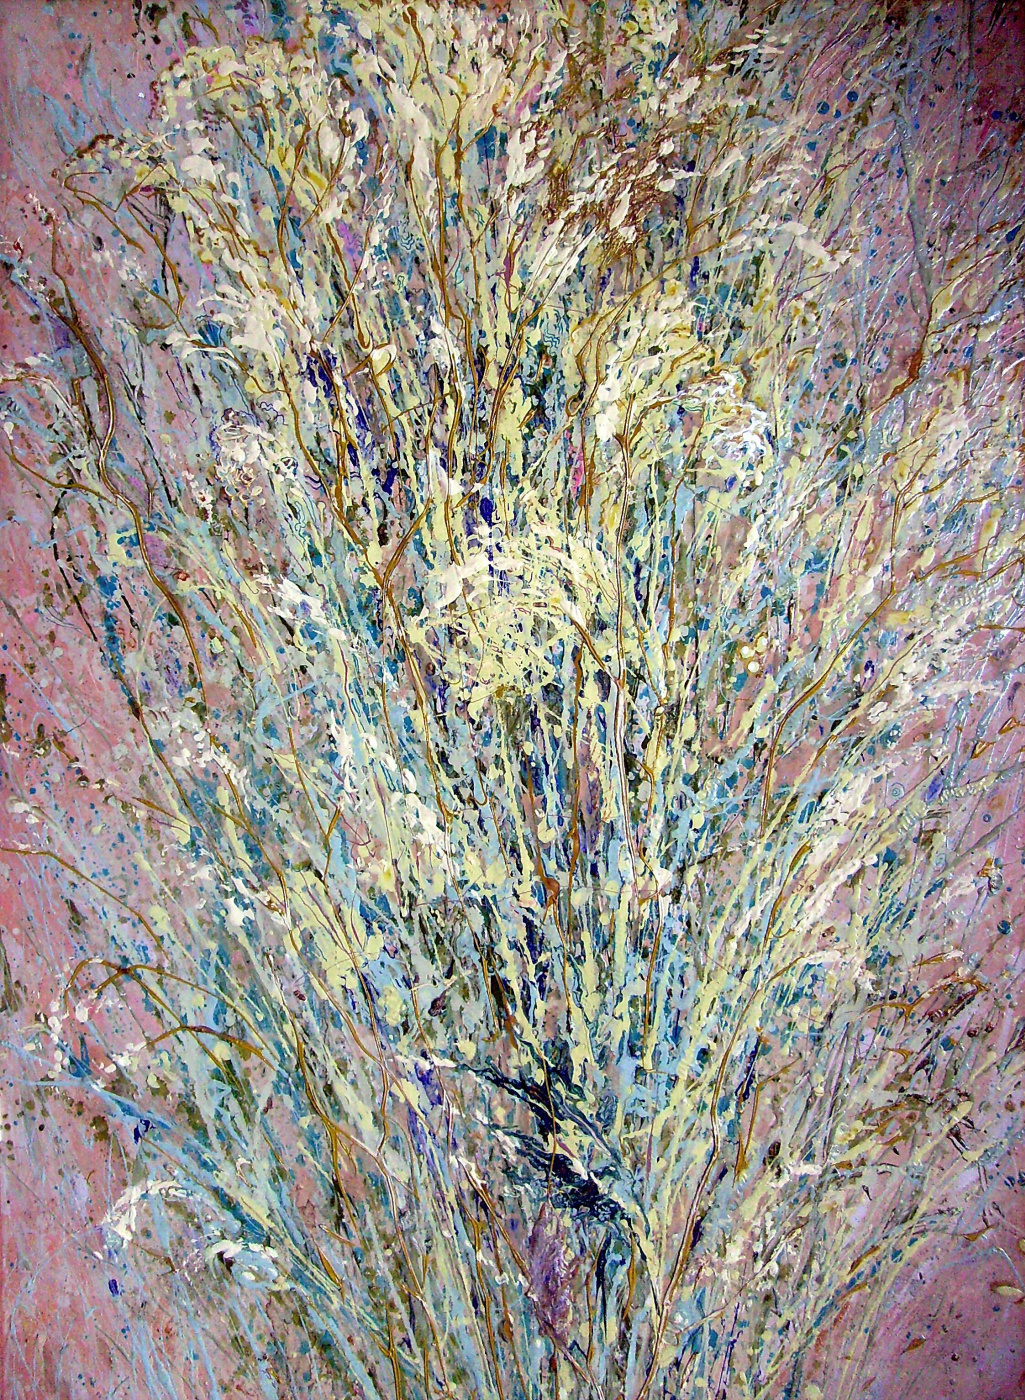 Константин Леонидович Антипов. Bouquet of wildflowers